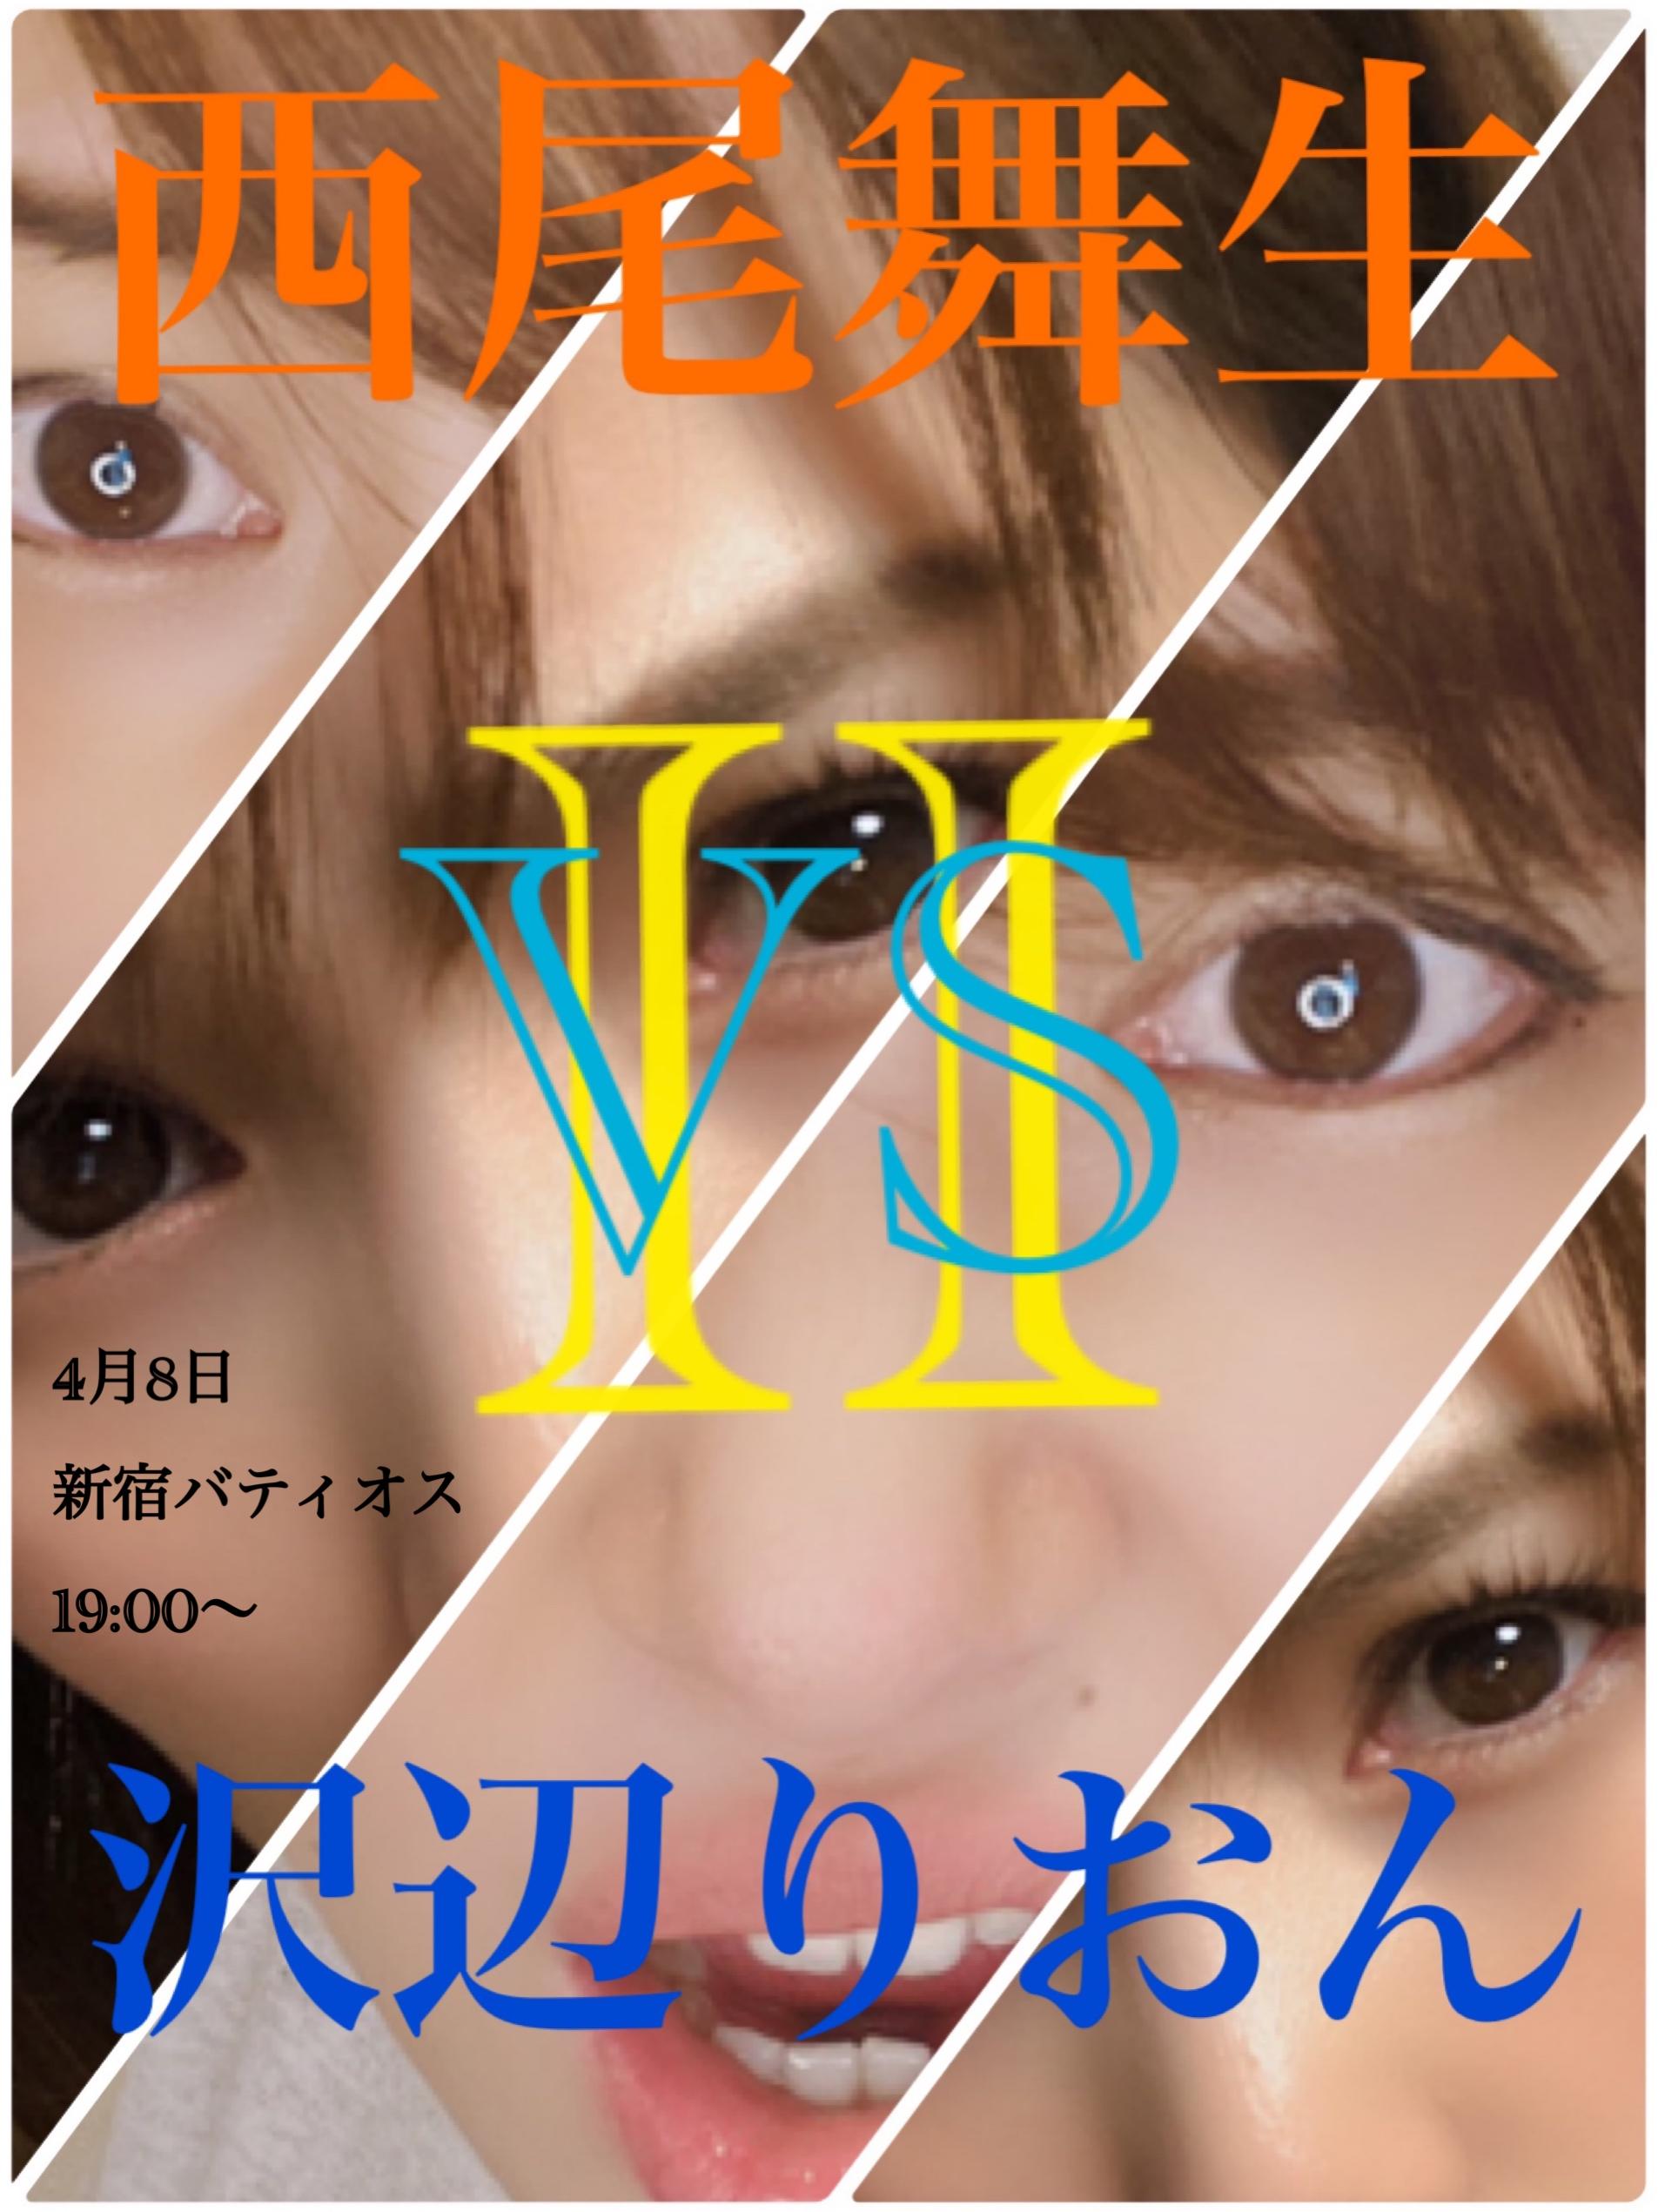 4月8日西尾舞生VS沢辺りおんⅡ